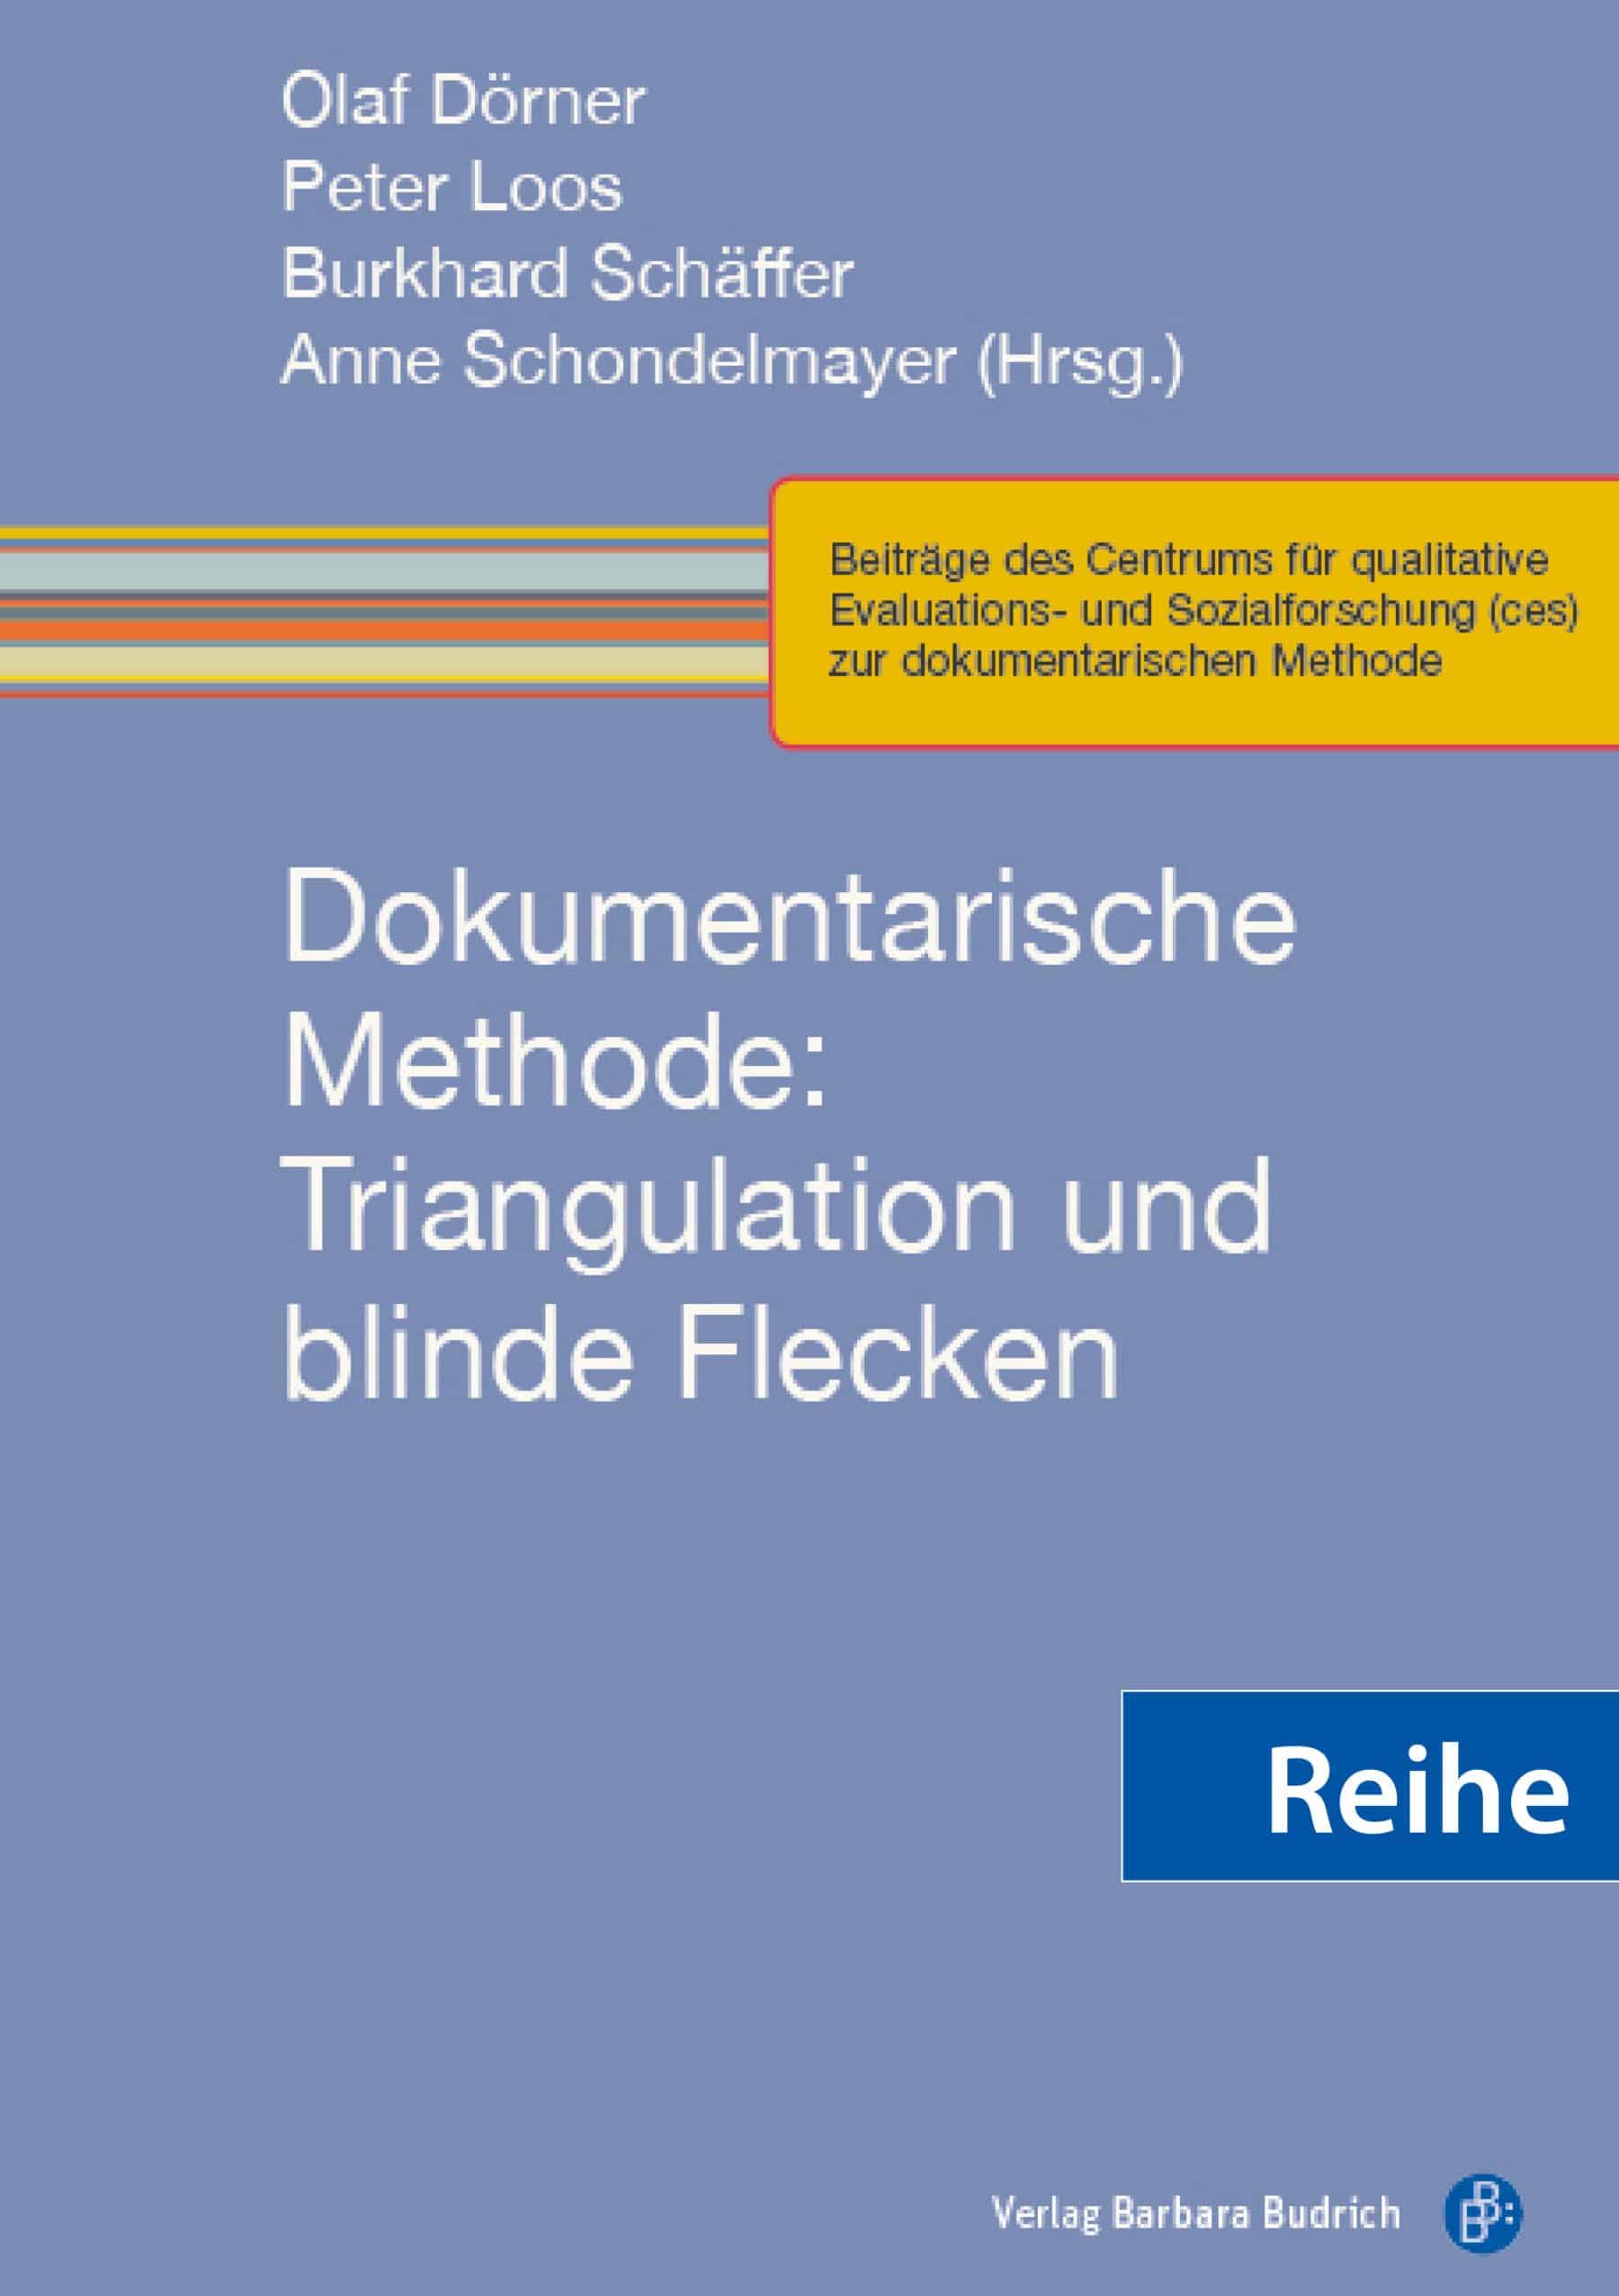 Reihe - Beiträge des Centrums für qualitative Evaluations- und Sozialforschung (ces) zur dokumentarischen Methode